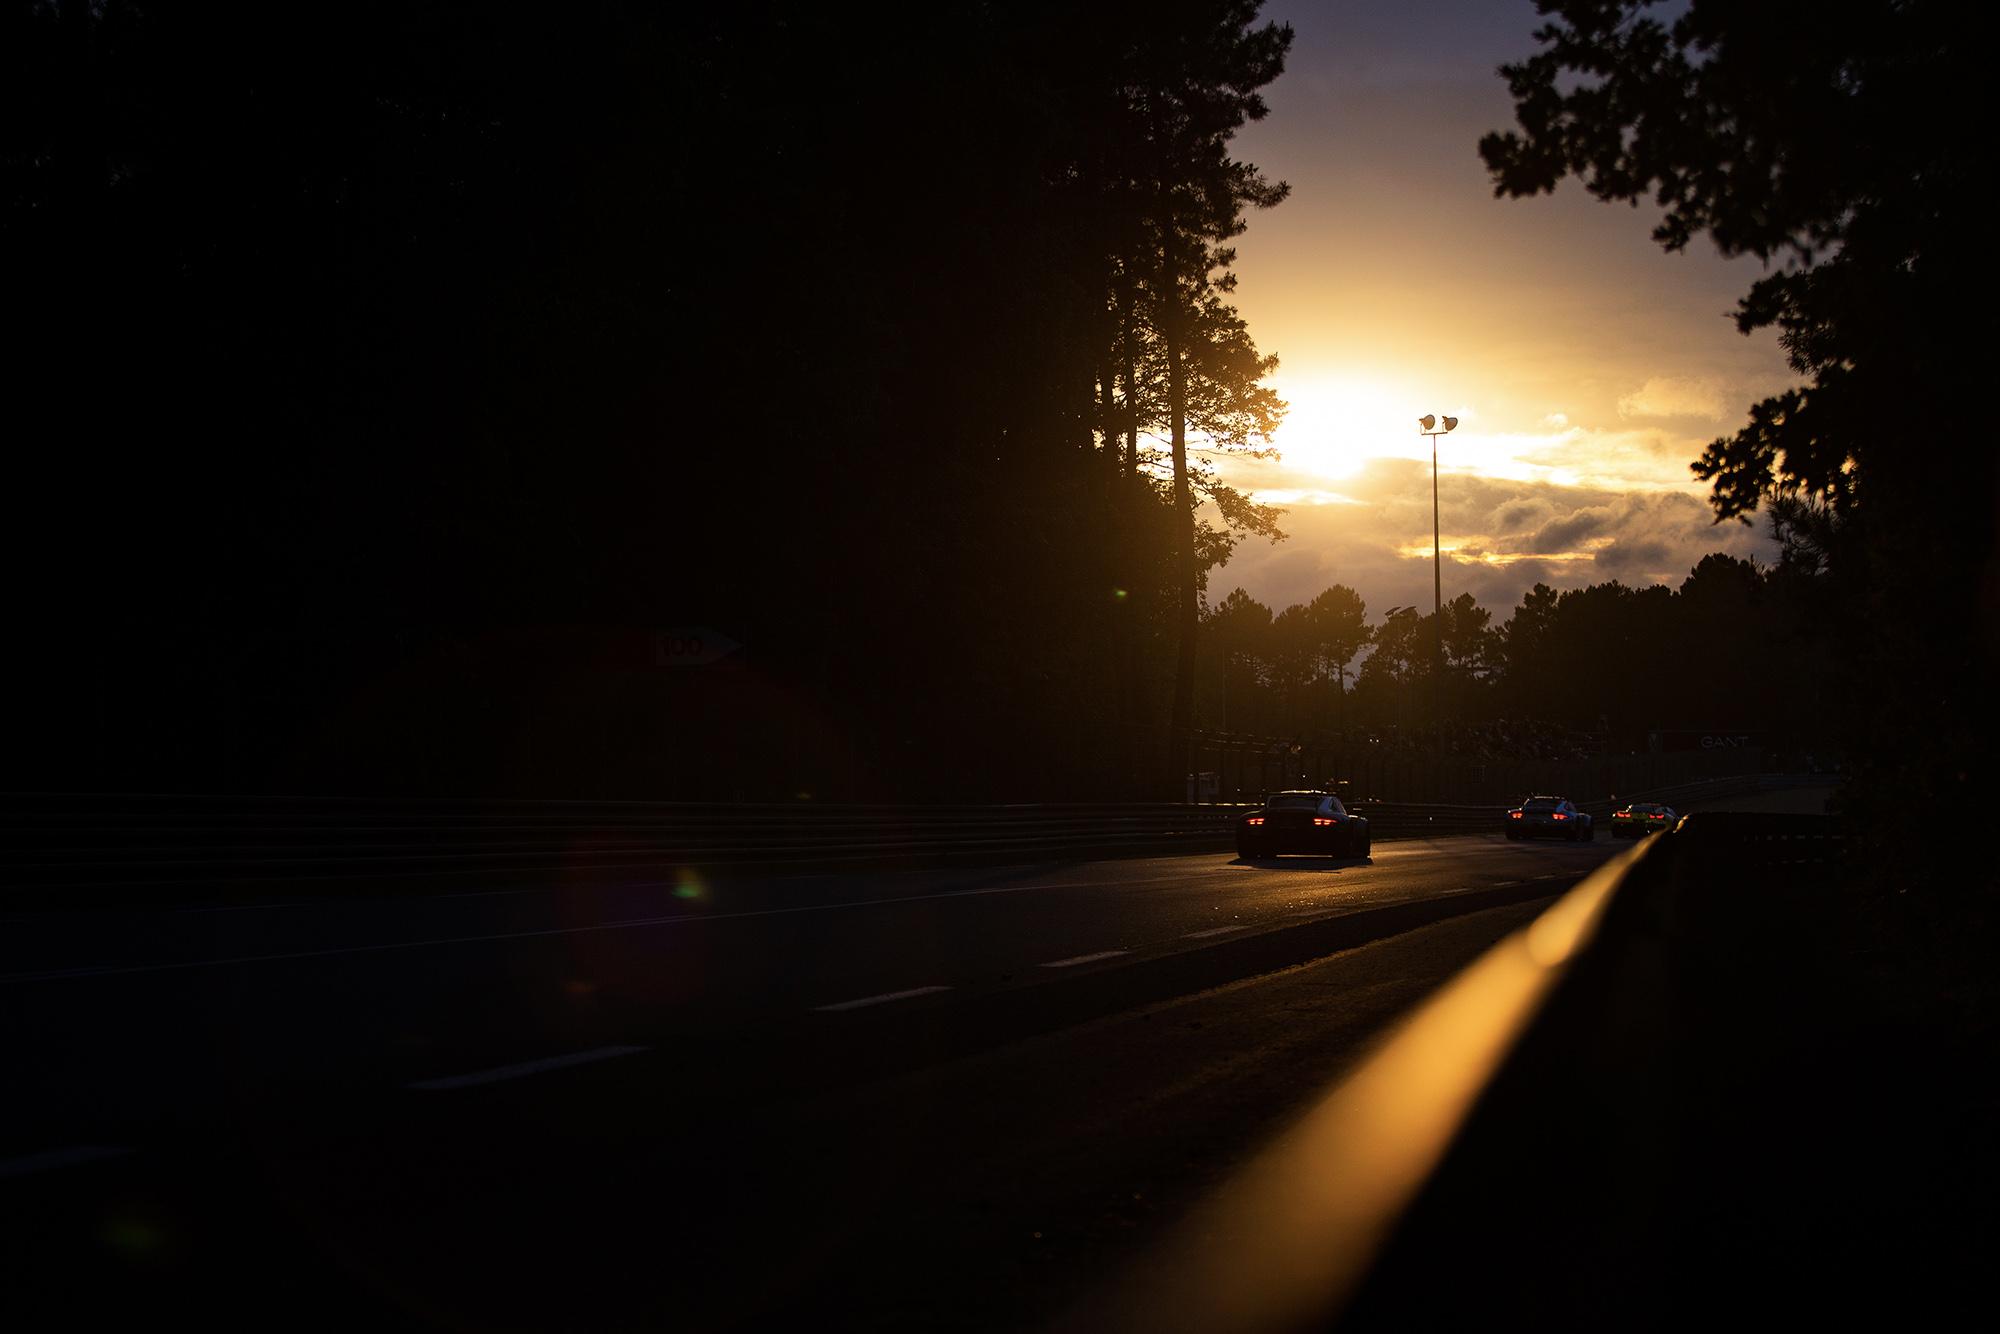 Le Mans 2019 sunset